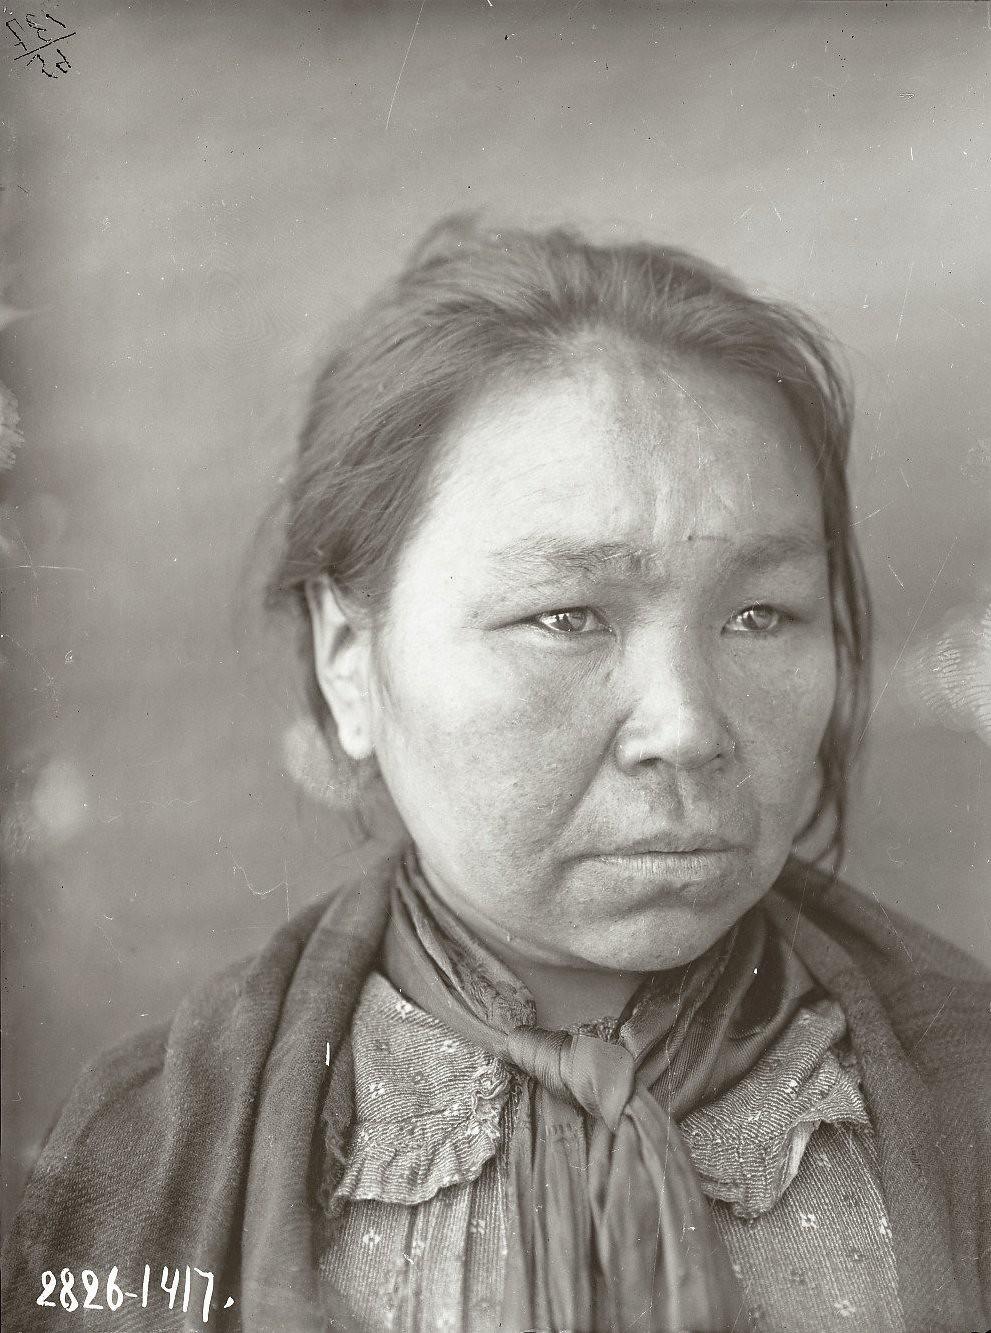 1909. Клеопатра Шемагинская. Уналашка остров, селение Уналашка